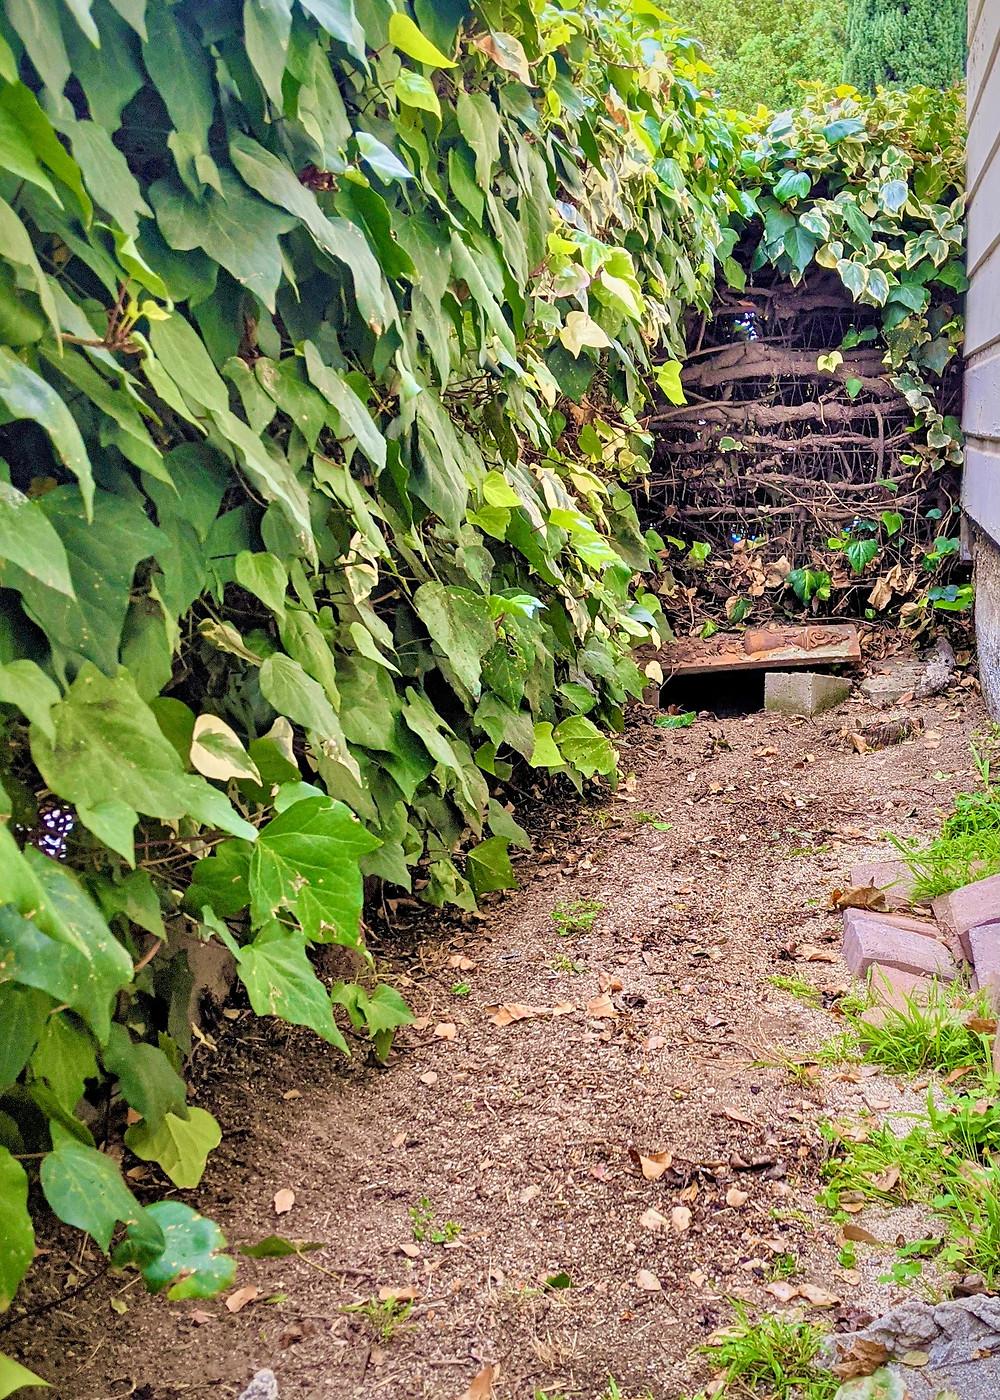 Lawrence's Alley - Desert Tortoise den and refuge from hot summer days